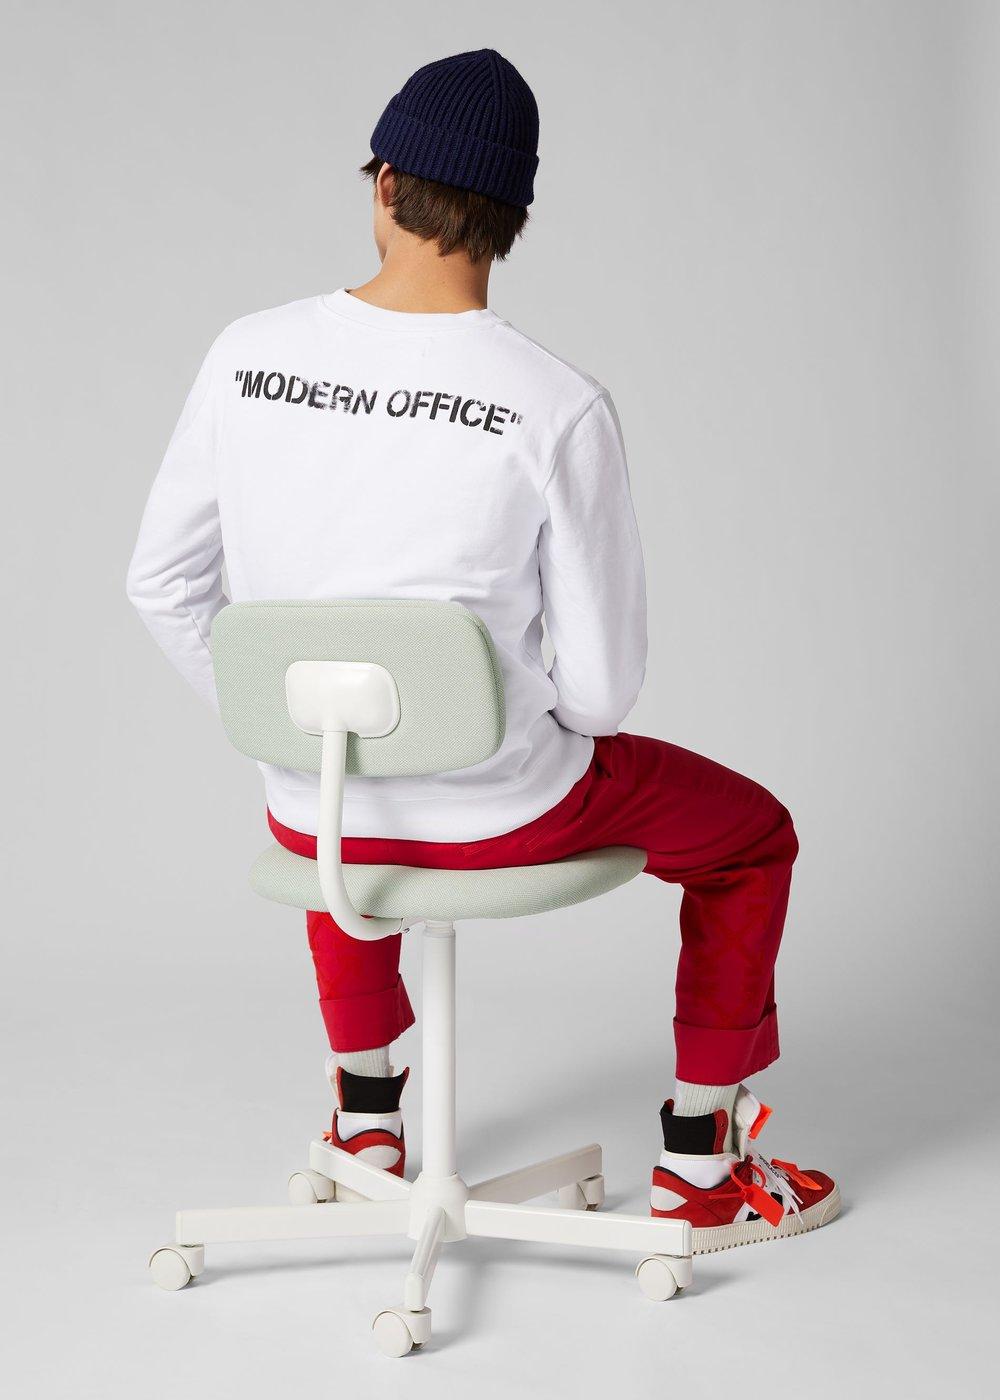 off-white mr porter modern office